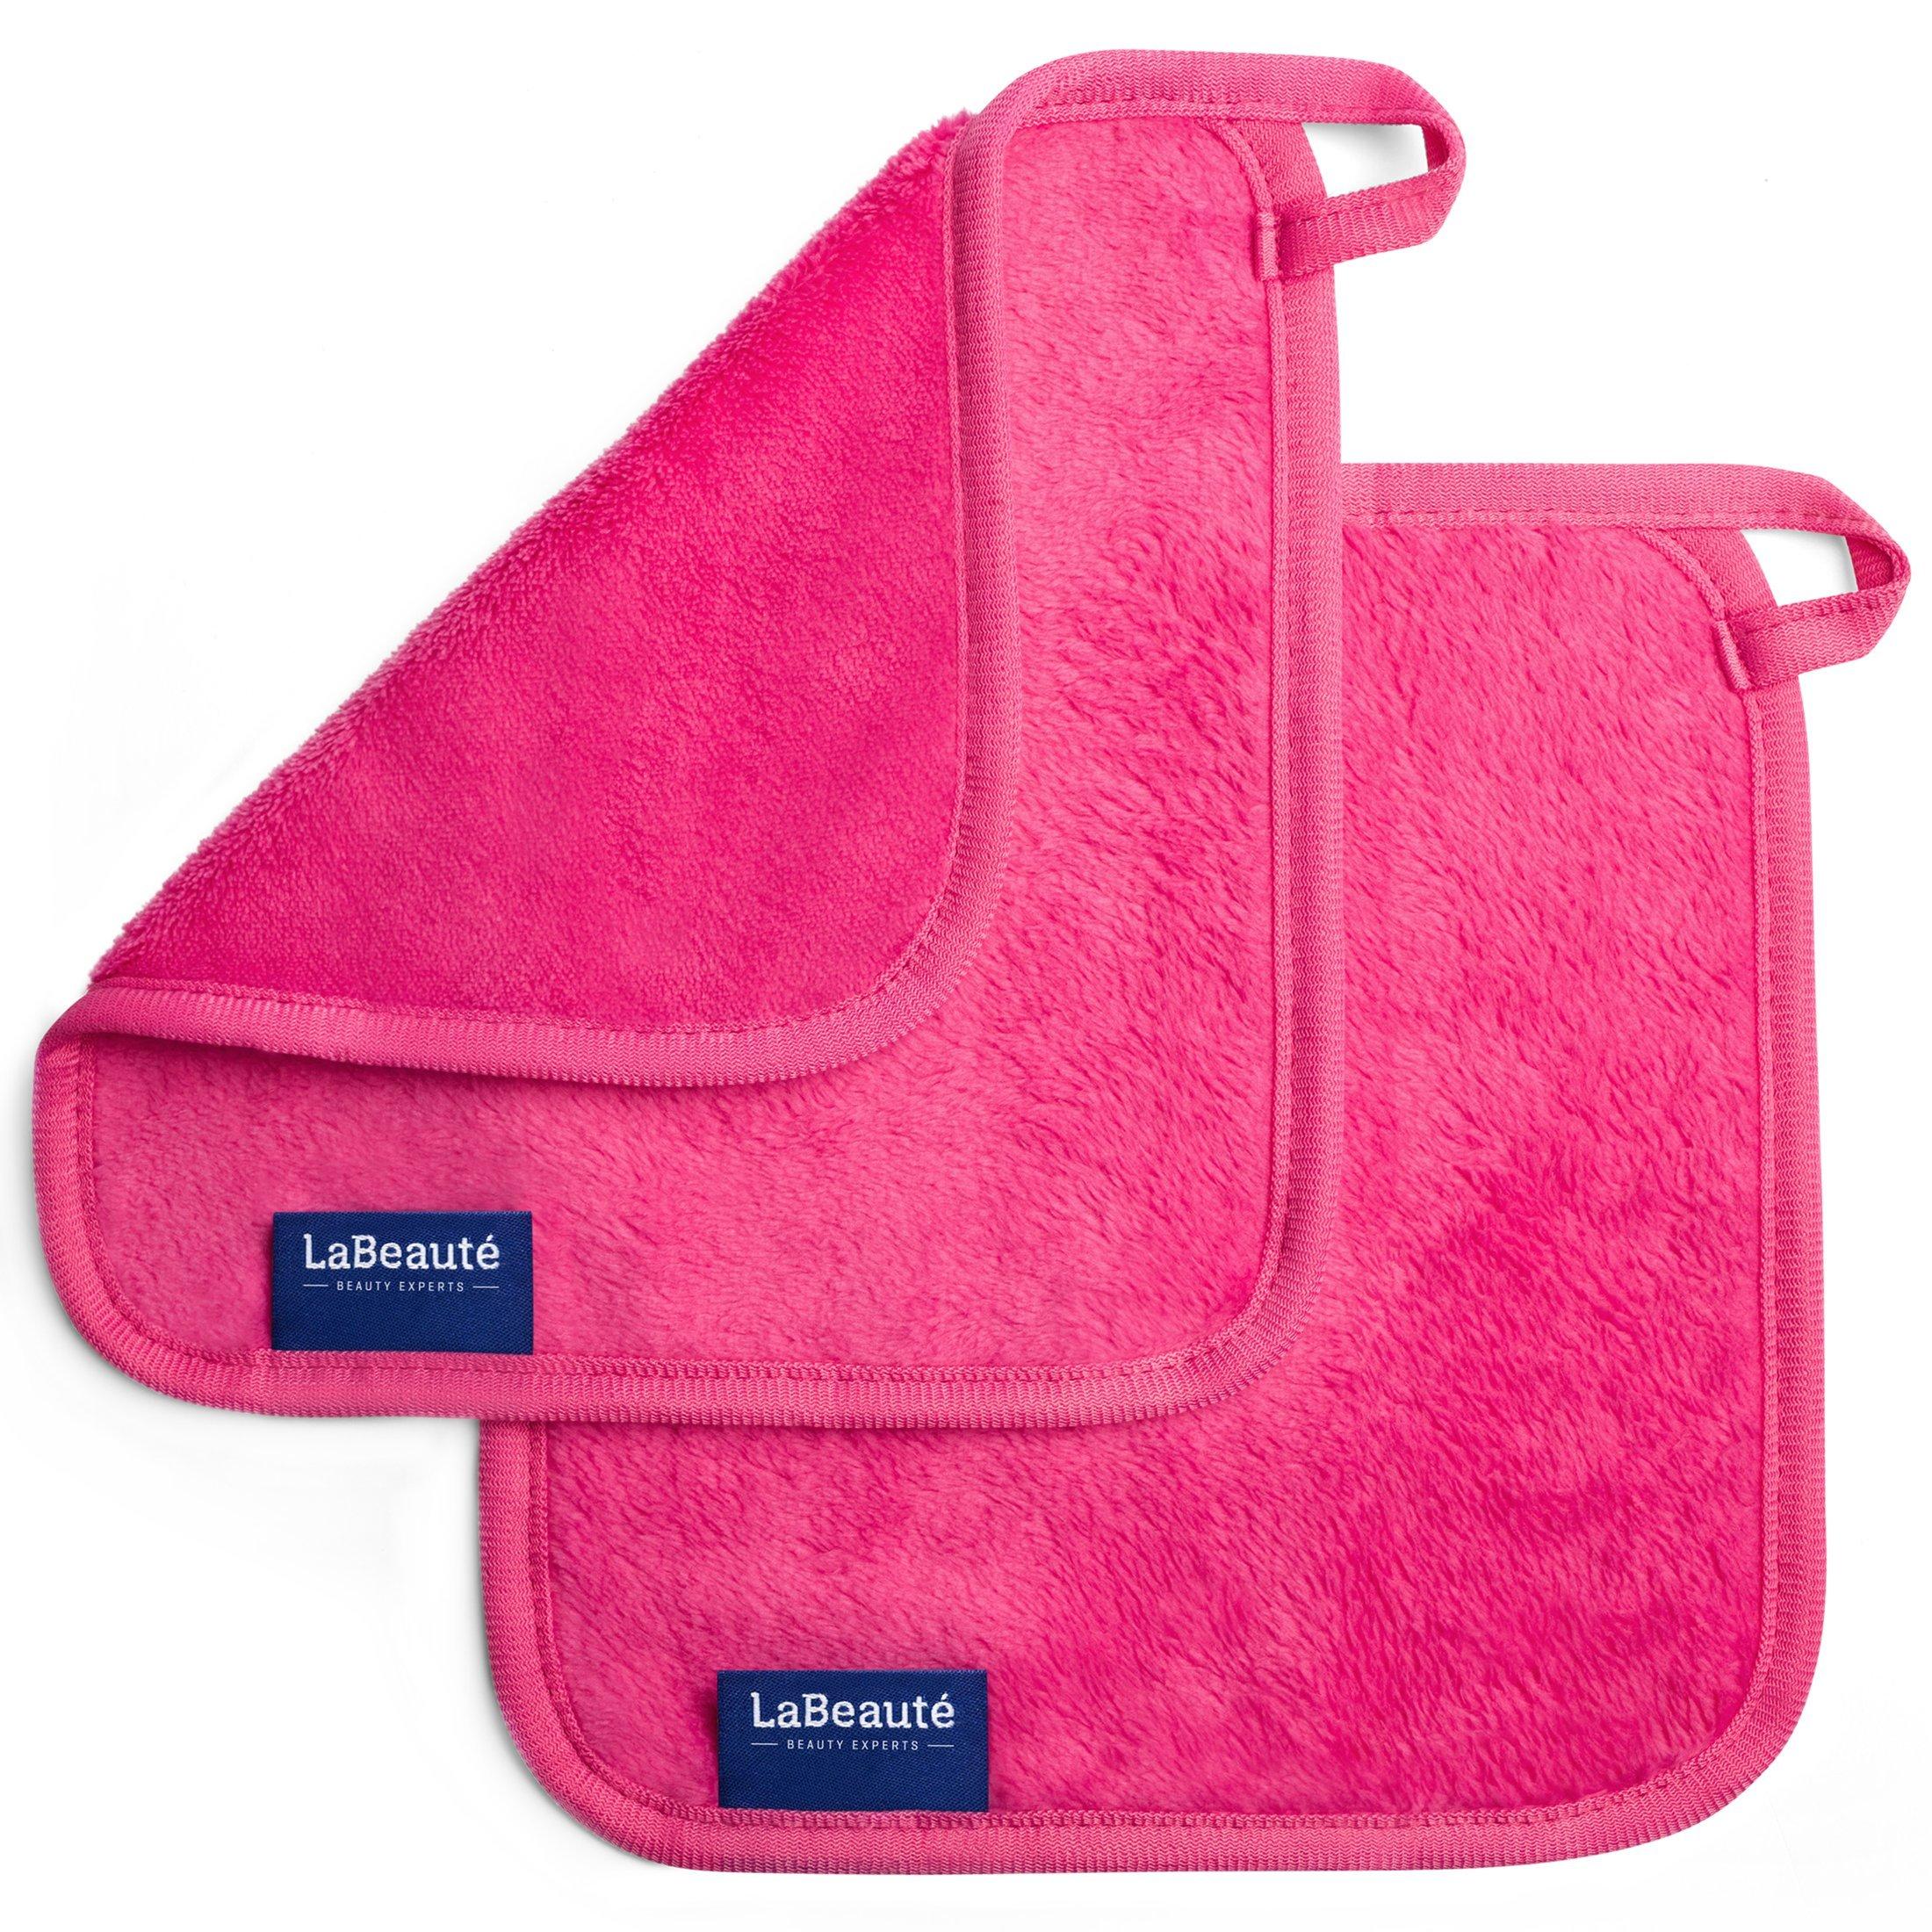 LaBeauté Toallitas Desmaquillantes (2 piezas) - toallitas limpiadoras y desmaquilladoras - Toalla de microfibra